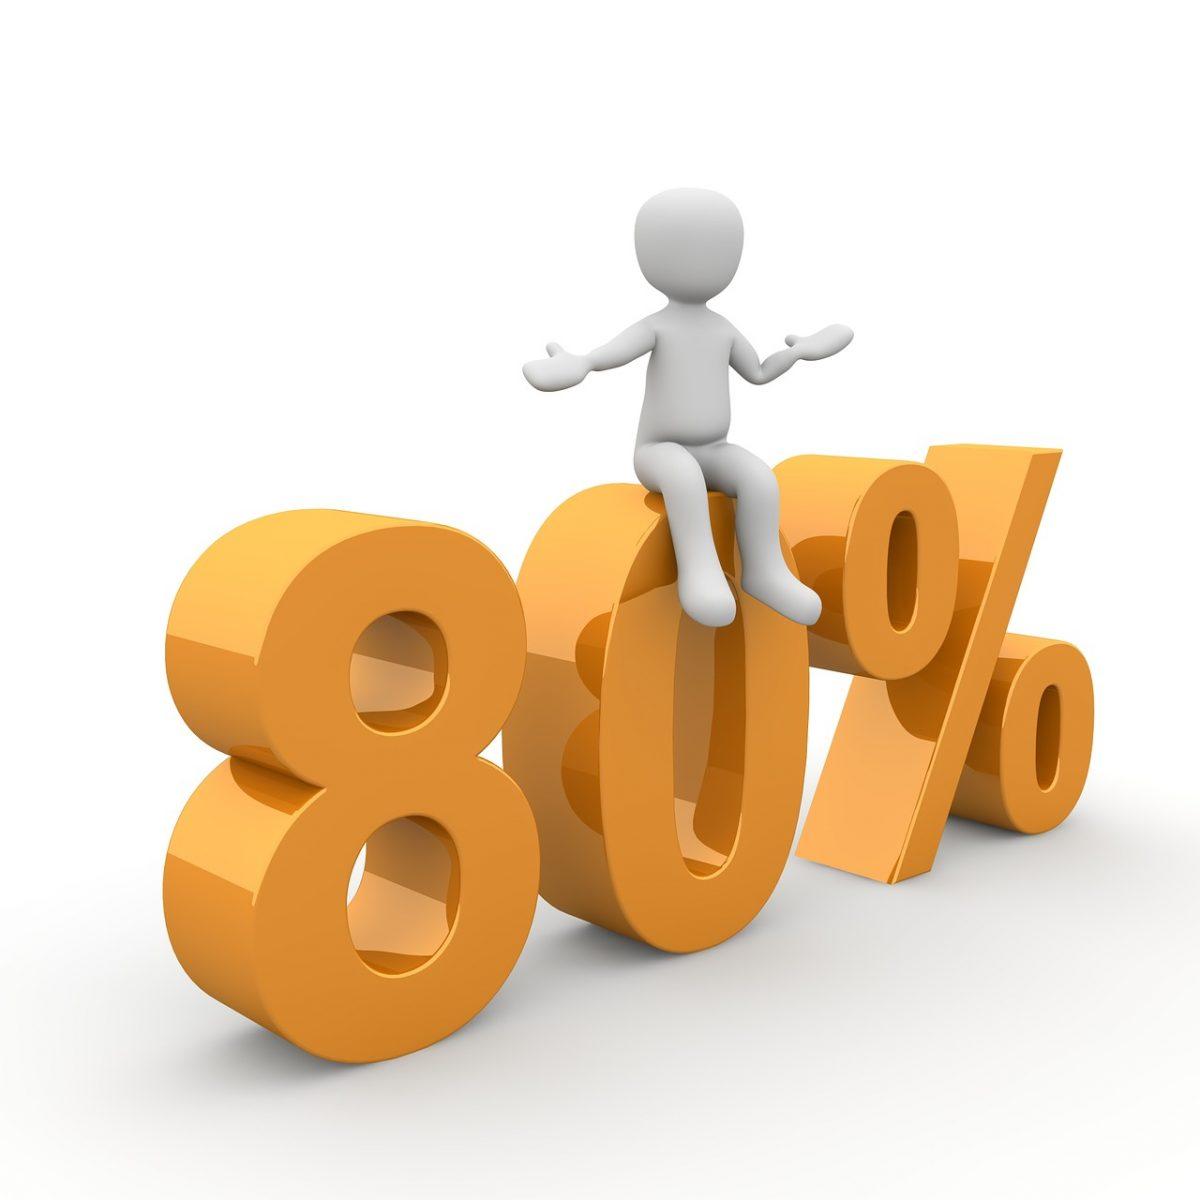 Rabatt und Nachlass als Schnäüpchen für den Verkäufer?